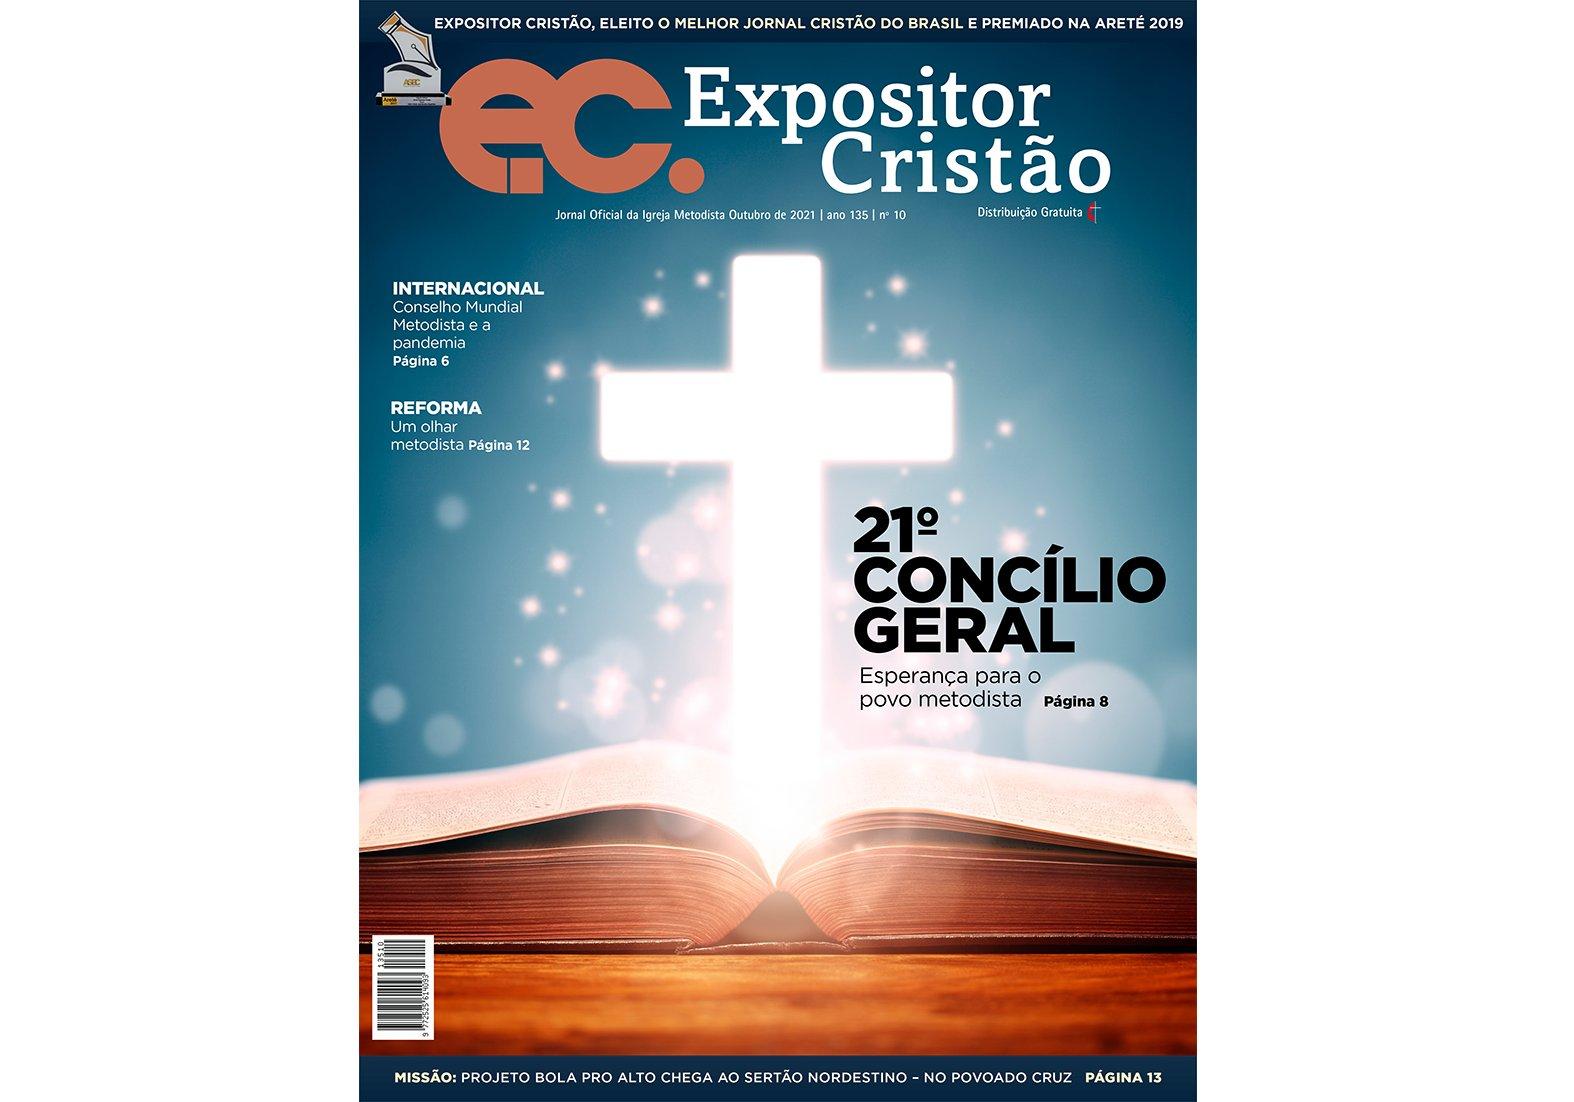 21º Concílio Geral bate à porta e traz esperança ao povo metodista